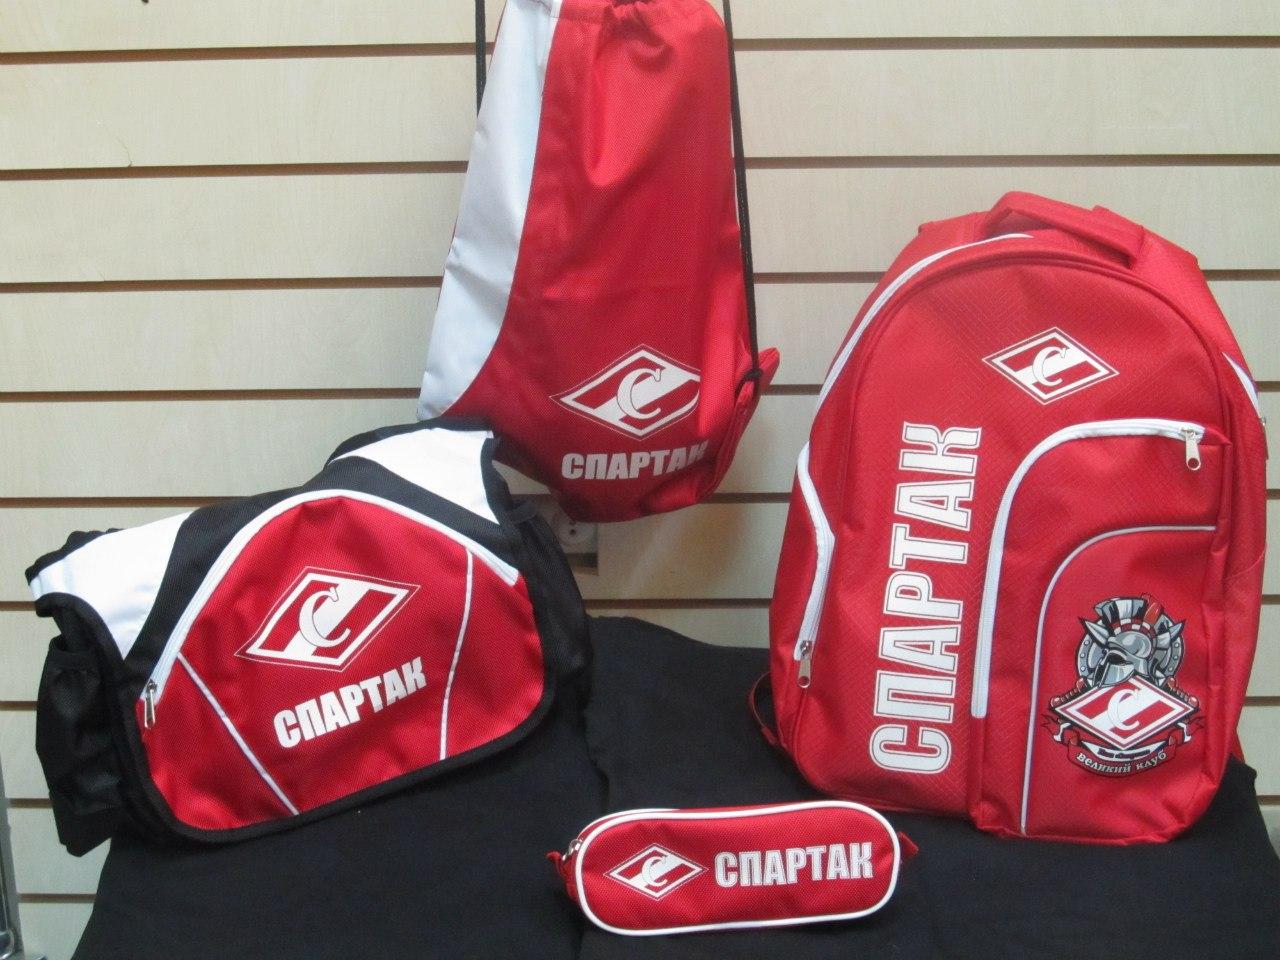 Рюкзаки с символикой к спартак качественные рюкзаки для школы